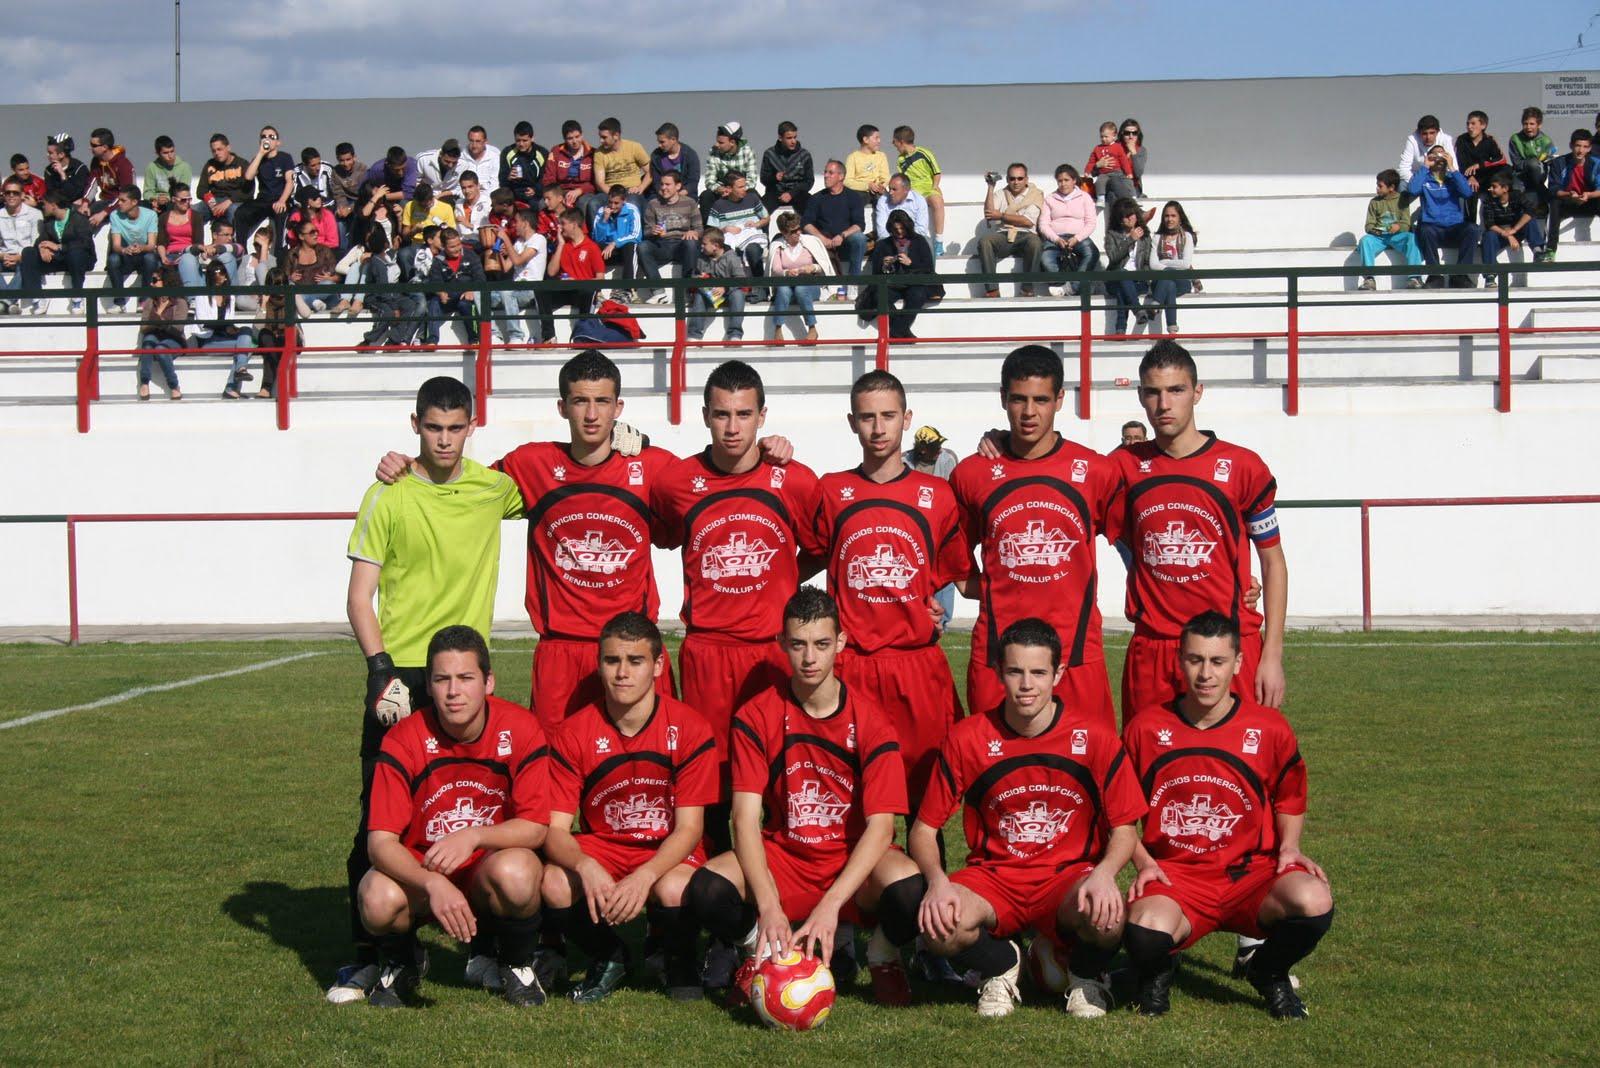 http://3.bp.blogspot.com/_MGiMXudXlc4/S7L8GW5x4CI/AAAAAAAAAJo/qP-Wg0lssd8/s1600/Juveniles+Benalup-Olivillos+012.jpg